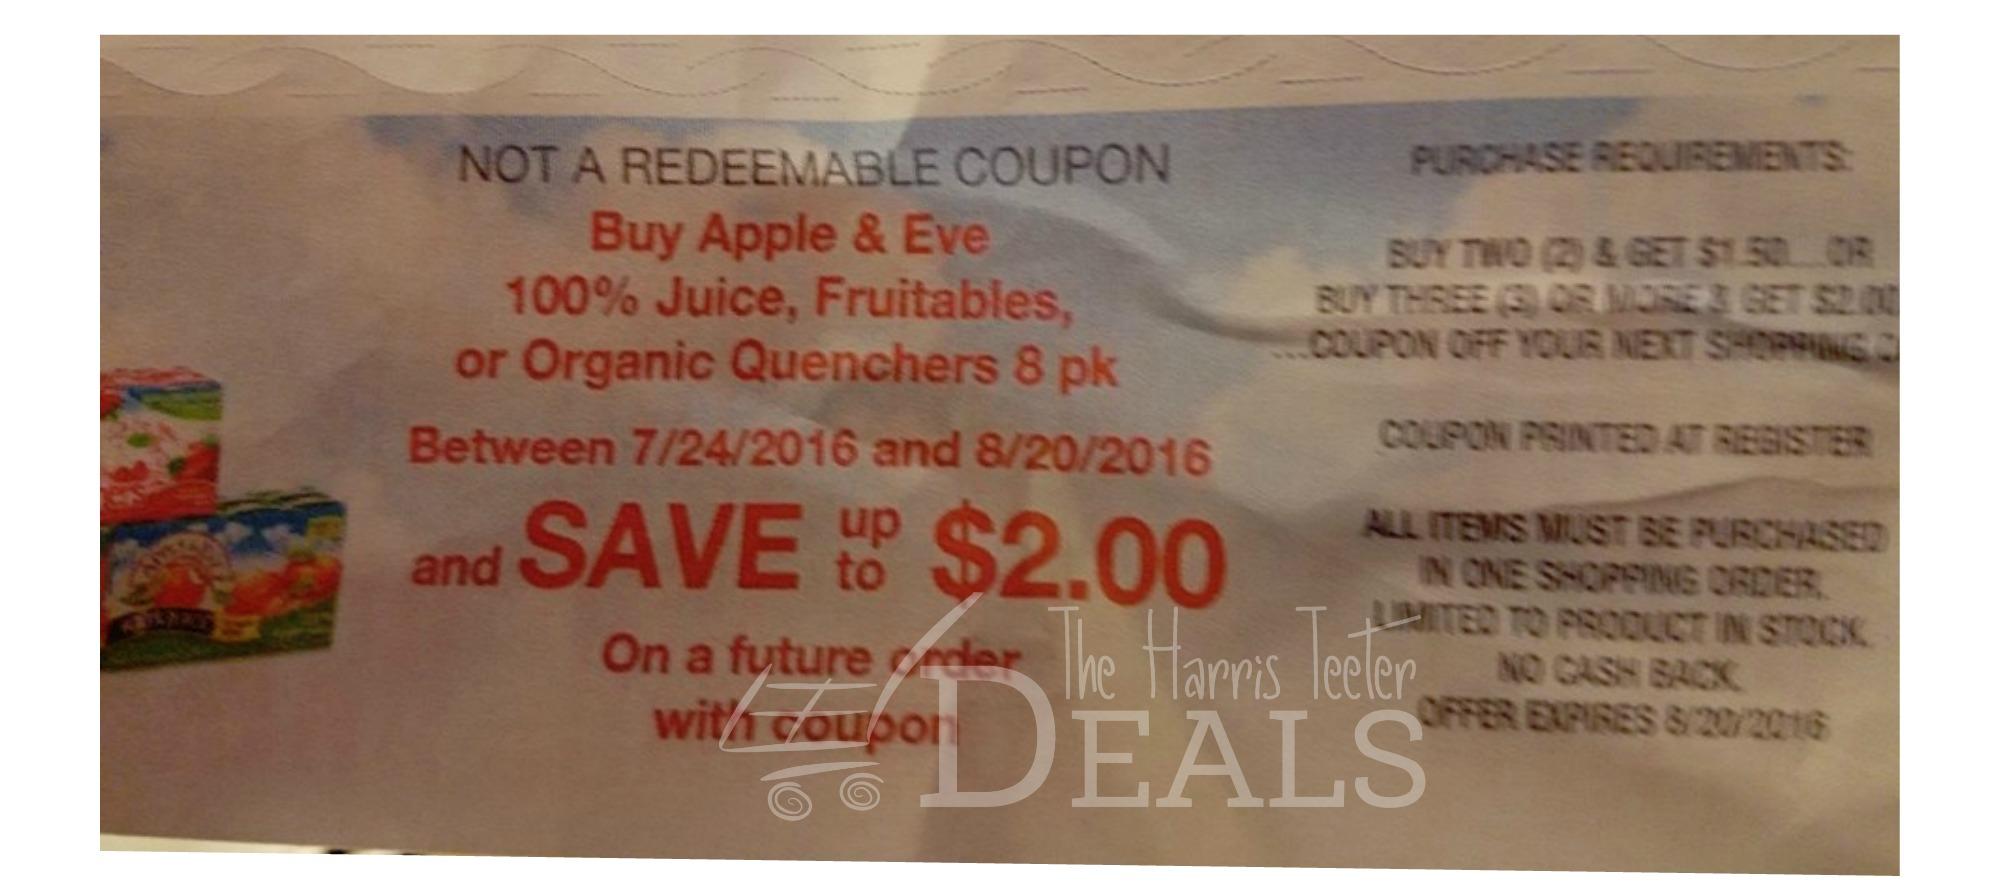 Catalina discounts coupons